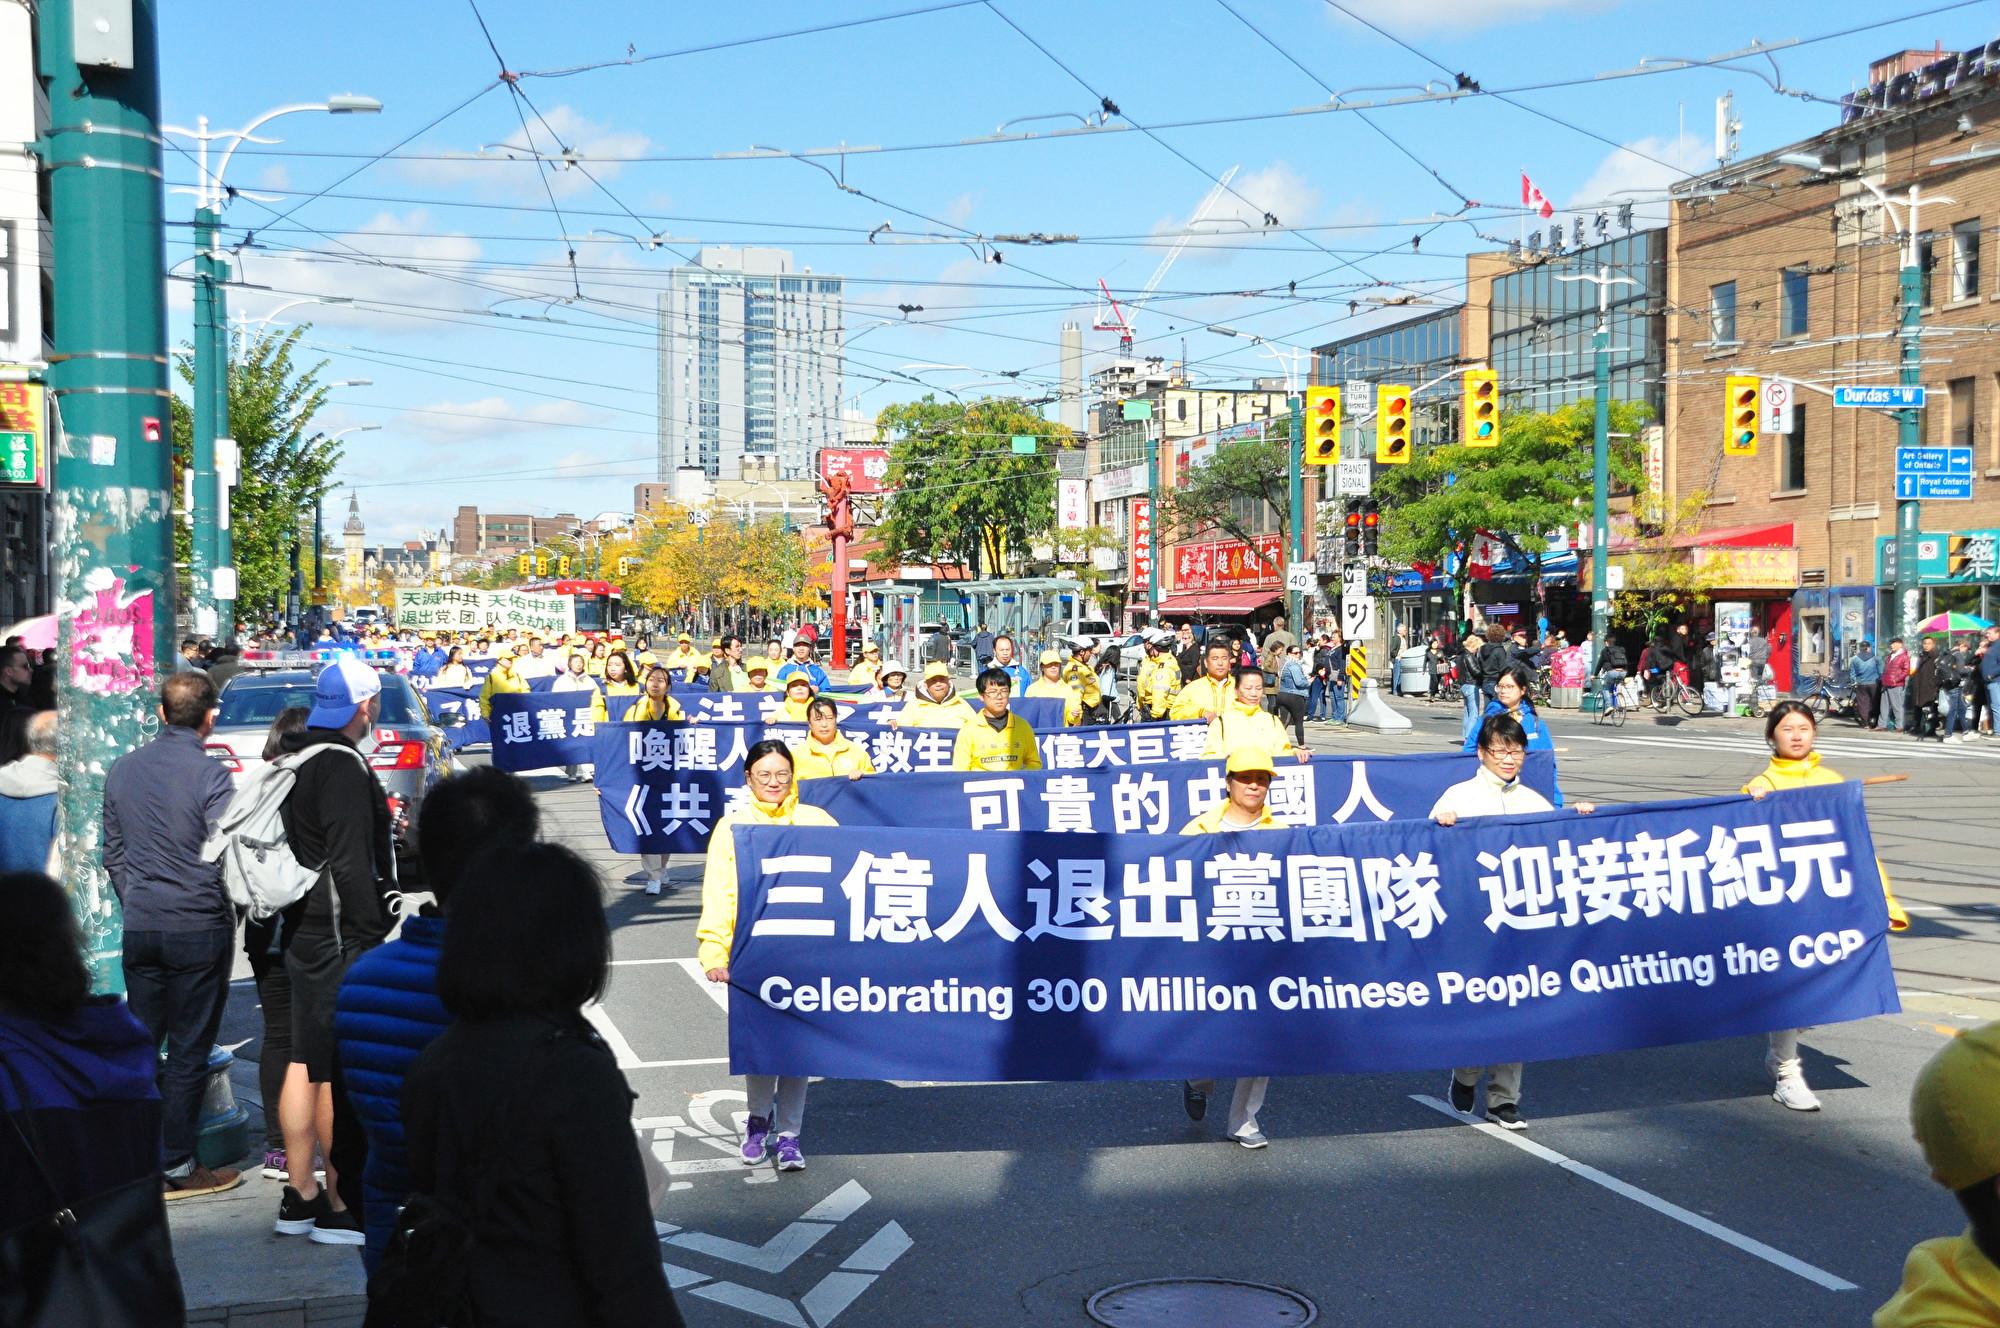 多倫多大遊行 聲援三億四千萬勇士三退